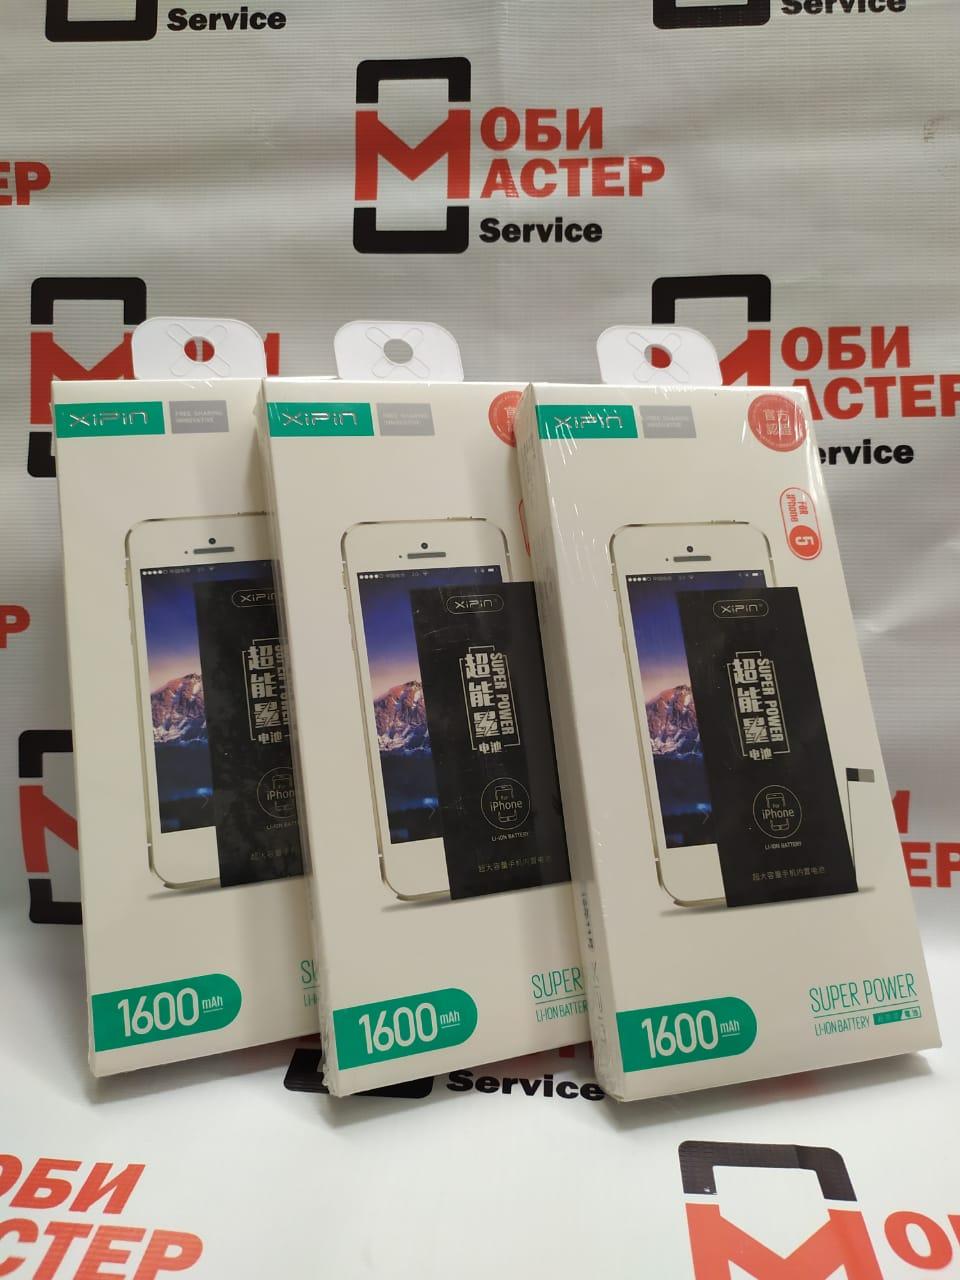 АКБ iPhone 5 Xipin Повышенной Ёмкости